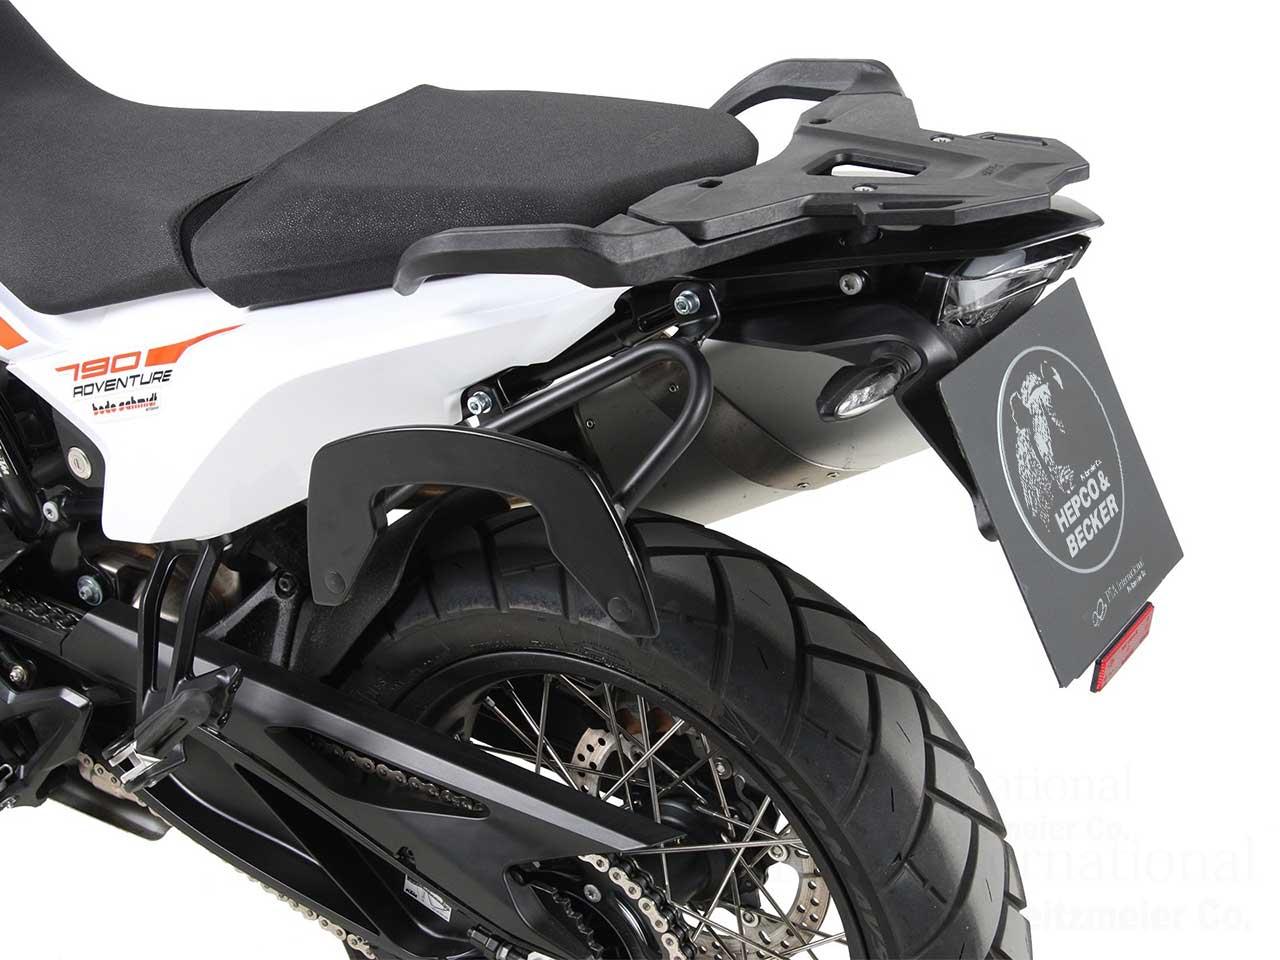 ヘプコ&ベッカー サイドソフトケースホルダー(キャリア)「C-Bow」KTM 790 Adventure/R